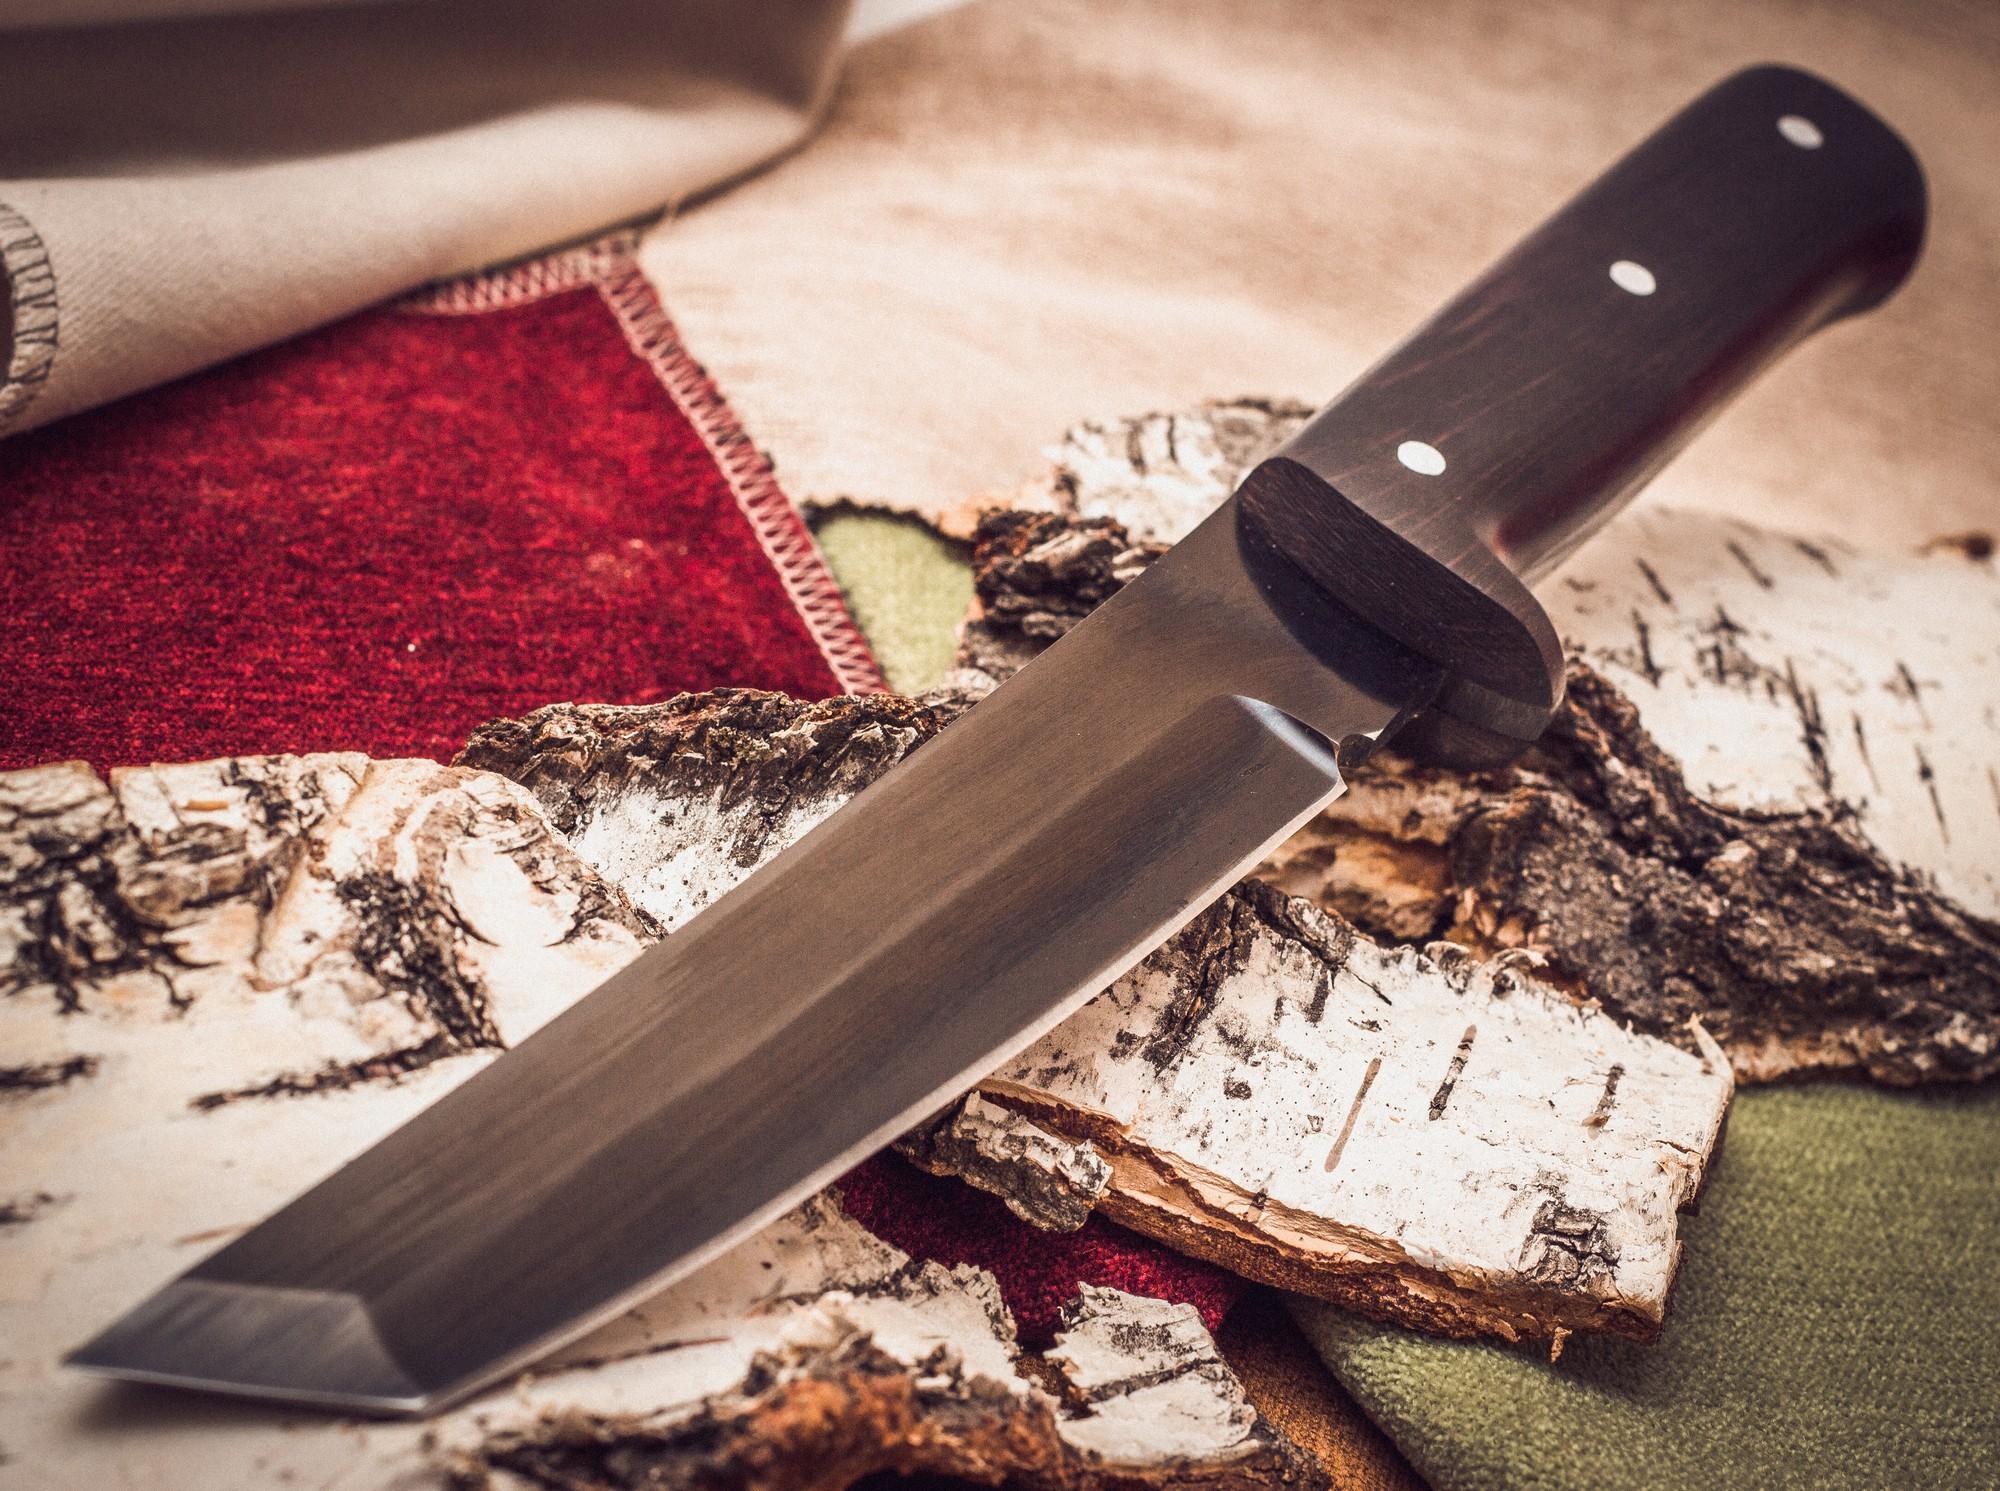 Фото 2 - Нож Тантоид MT-12, черный граб, сталь 65Г